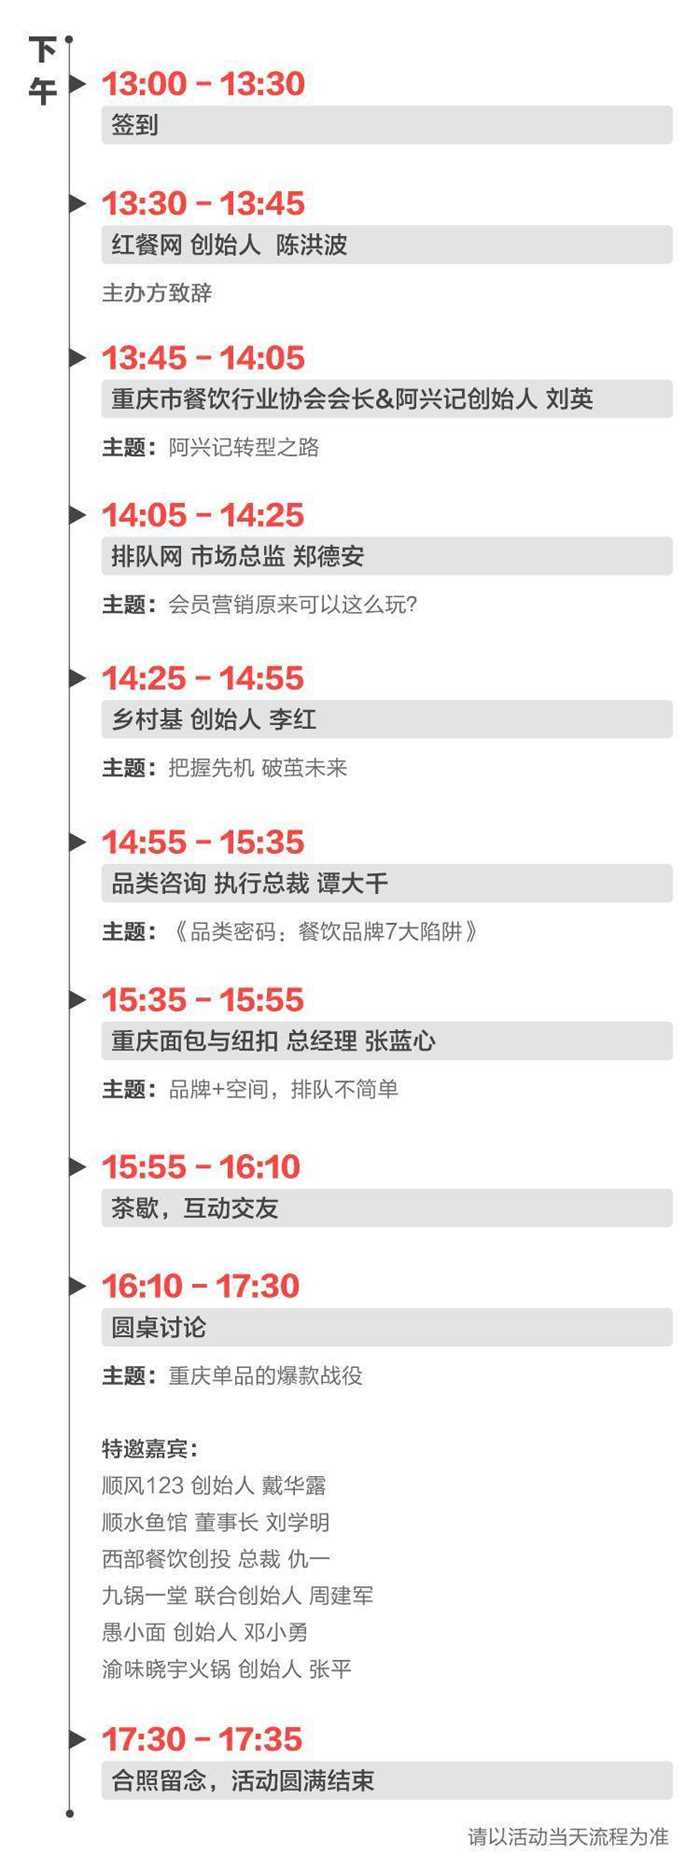 重庆站-微信文章流程.png